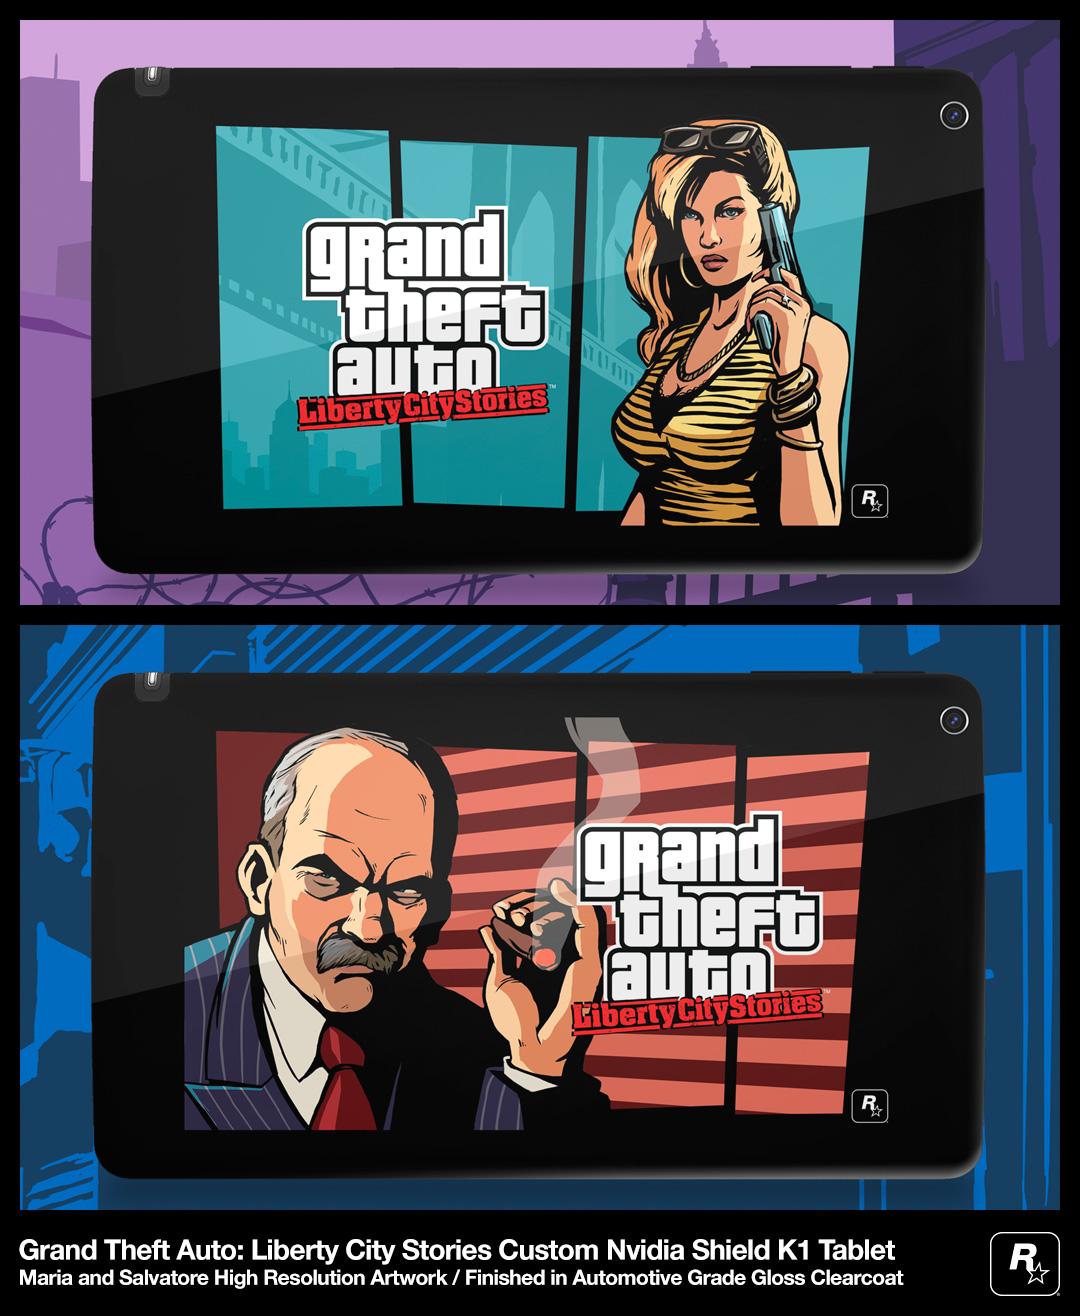 Stargames Tablet